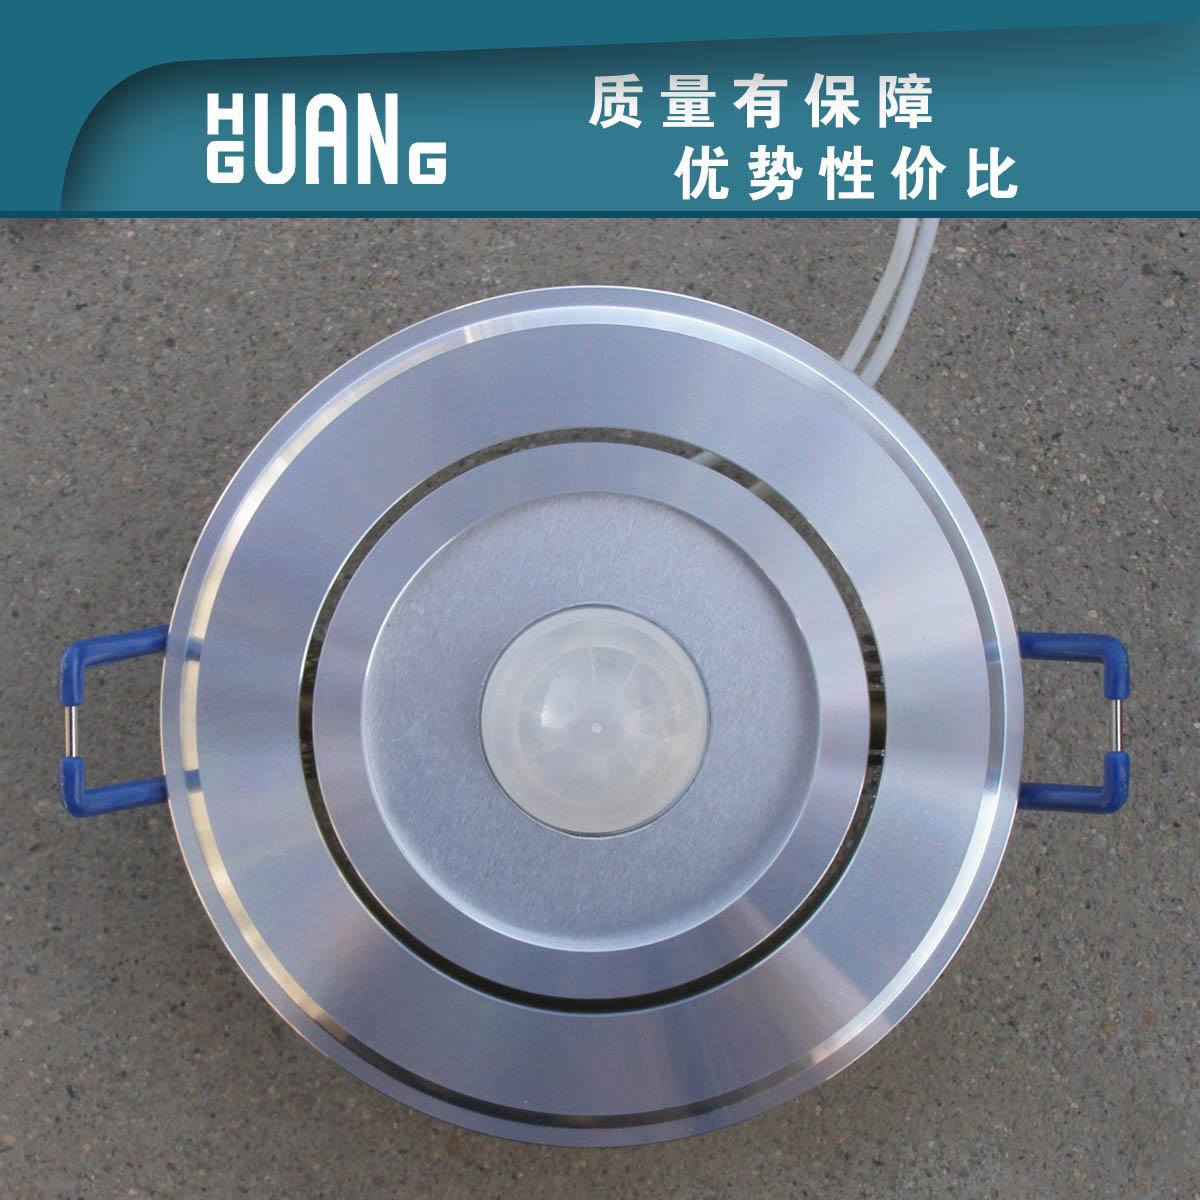 جزءا لا يتجزأ من هيئة التعريفي التبديل سلك واحد يمكن تركيب سقف قابل للتعديل الصمام الموفرة للطاقة الأشعة تحت الحمراء